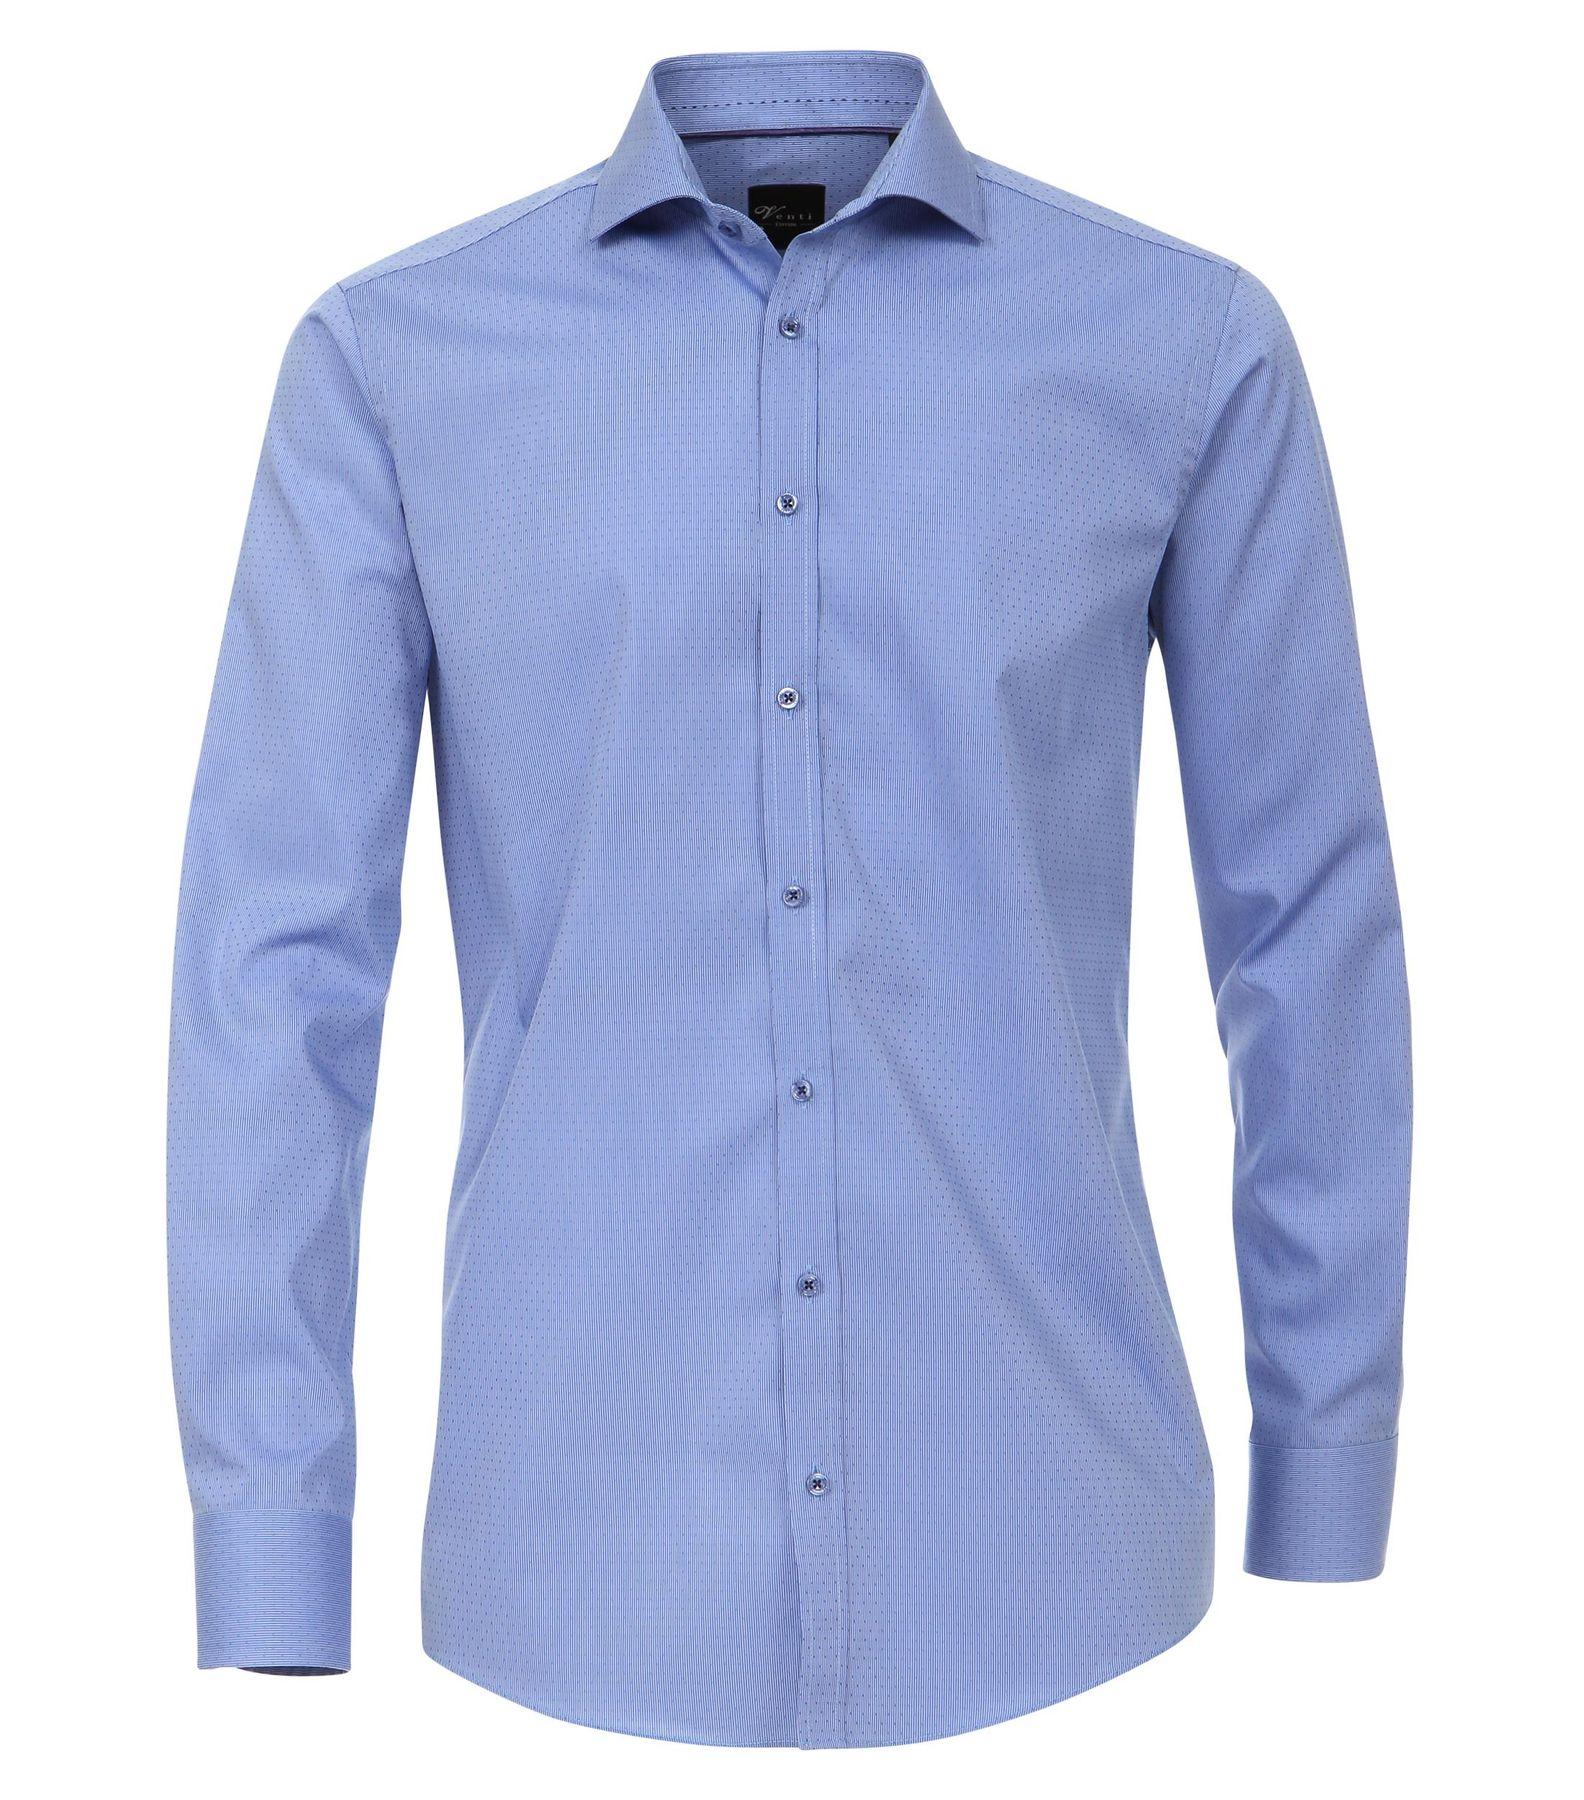 Venti - Slim Fit - Herren Langarm Hemd gestreift aus 100% Baumwolle mit Hai Kragen (172678900) – Bild 1